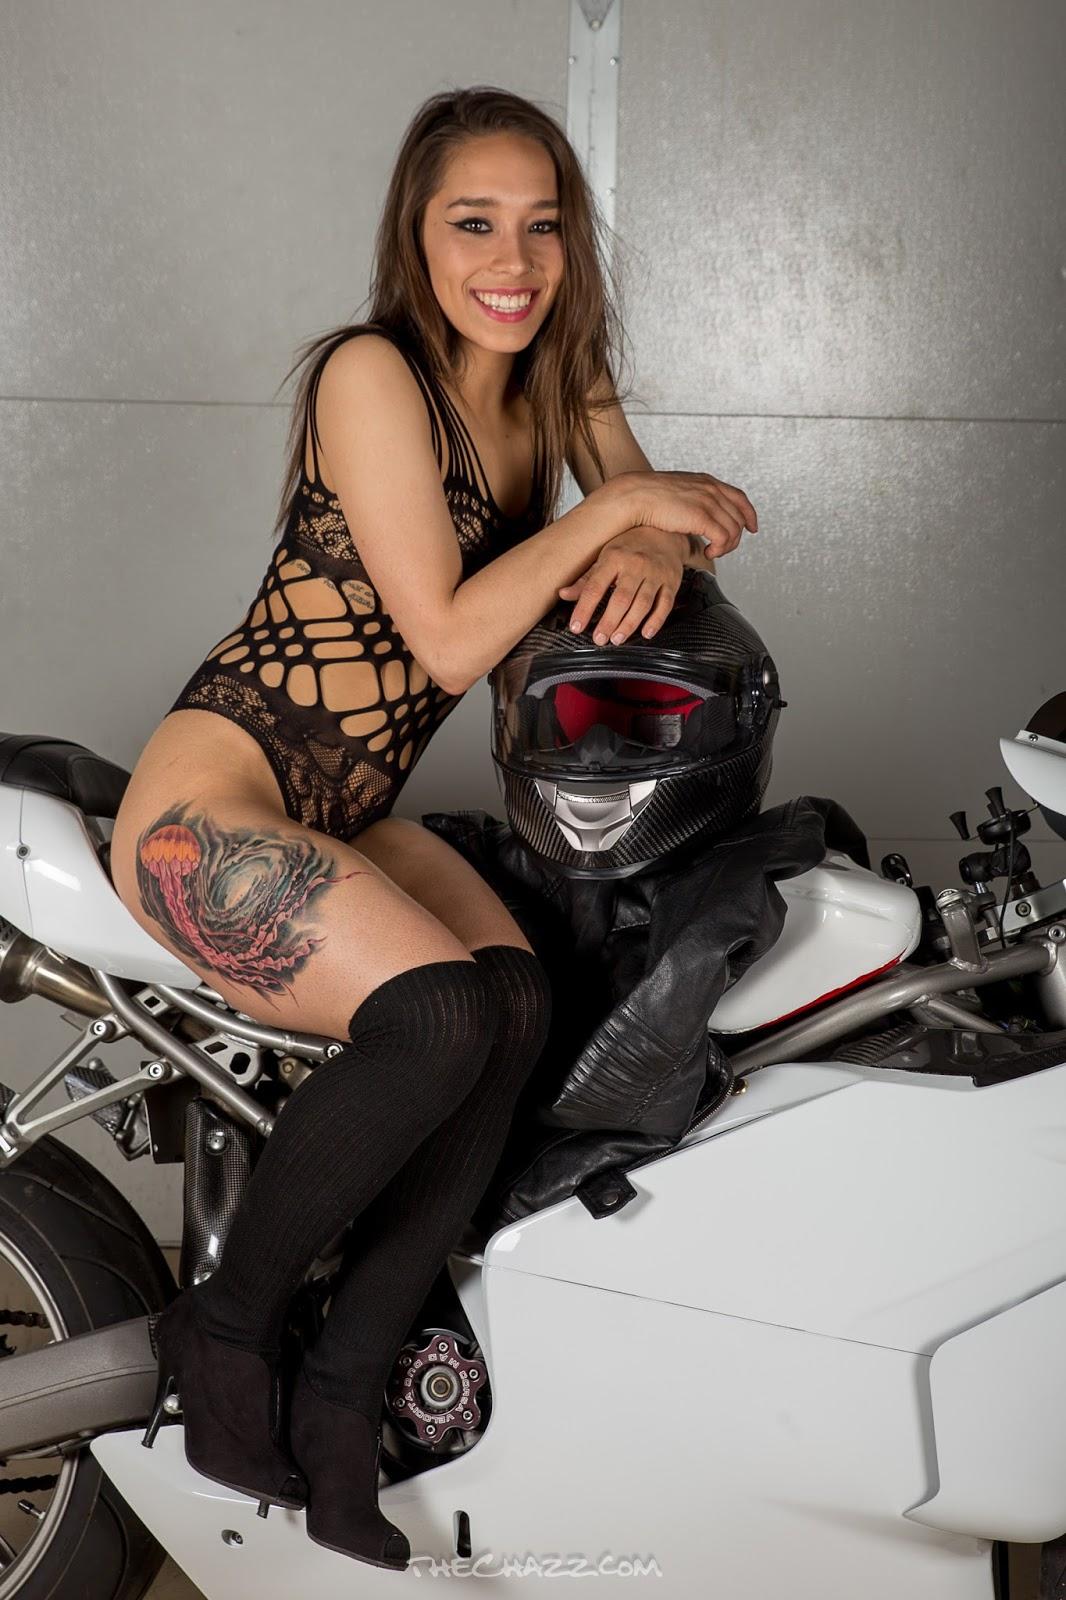 Mulher de biquini preto na moto, Gostosa de Biquini preto na moto,Woman in black bikini on the bike, the Sexy black Bikini on the bike, babe on bike with bikini, sexy on bike, sexy on motorcycle, babes on bike, ragazza in moto, donna calda in moto,femme chaude sur la moto,mujer caliente en motocicleta, chica en moto, heiße Frau auf dem Motorrad,gatto, donna, sensuale, moto, caldo Katze, Frau, sinnlich